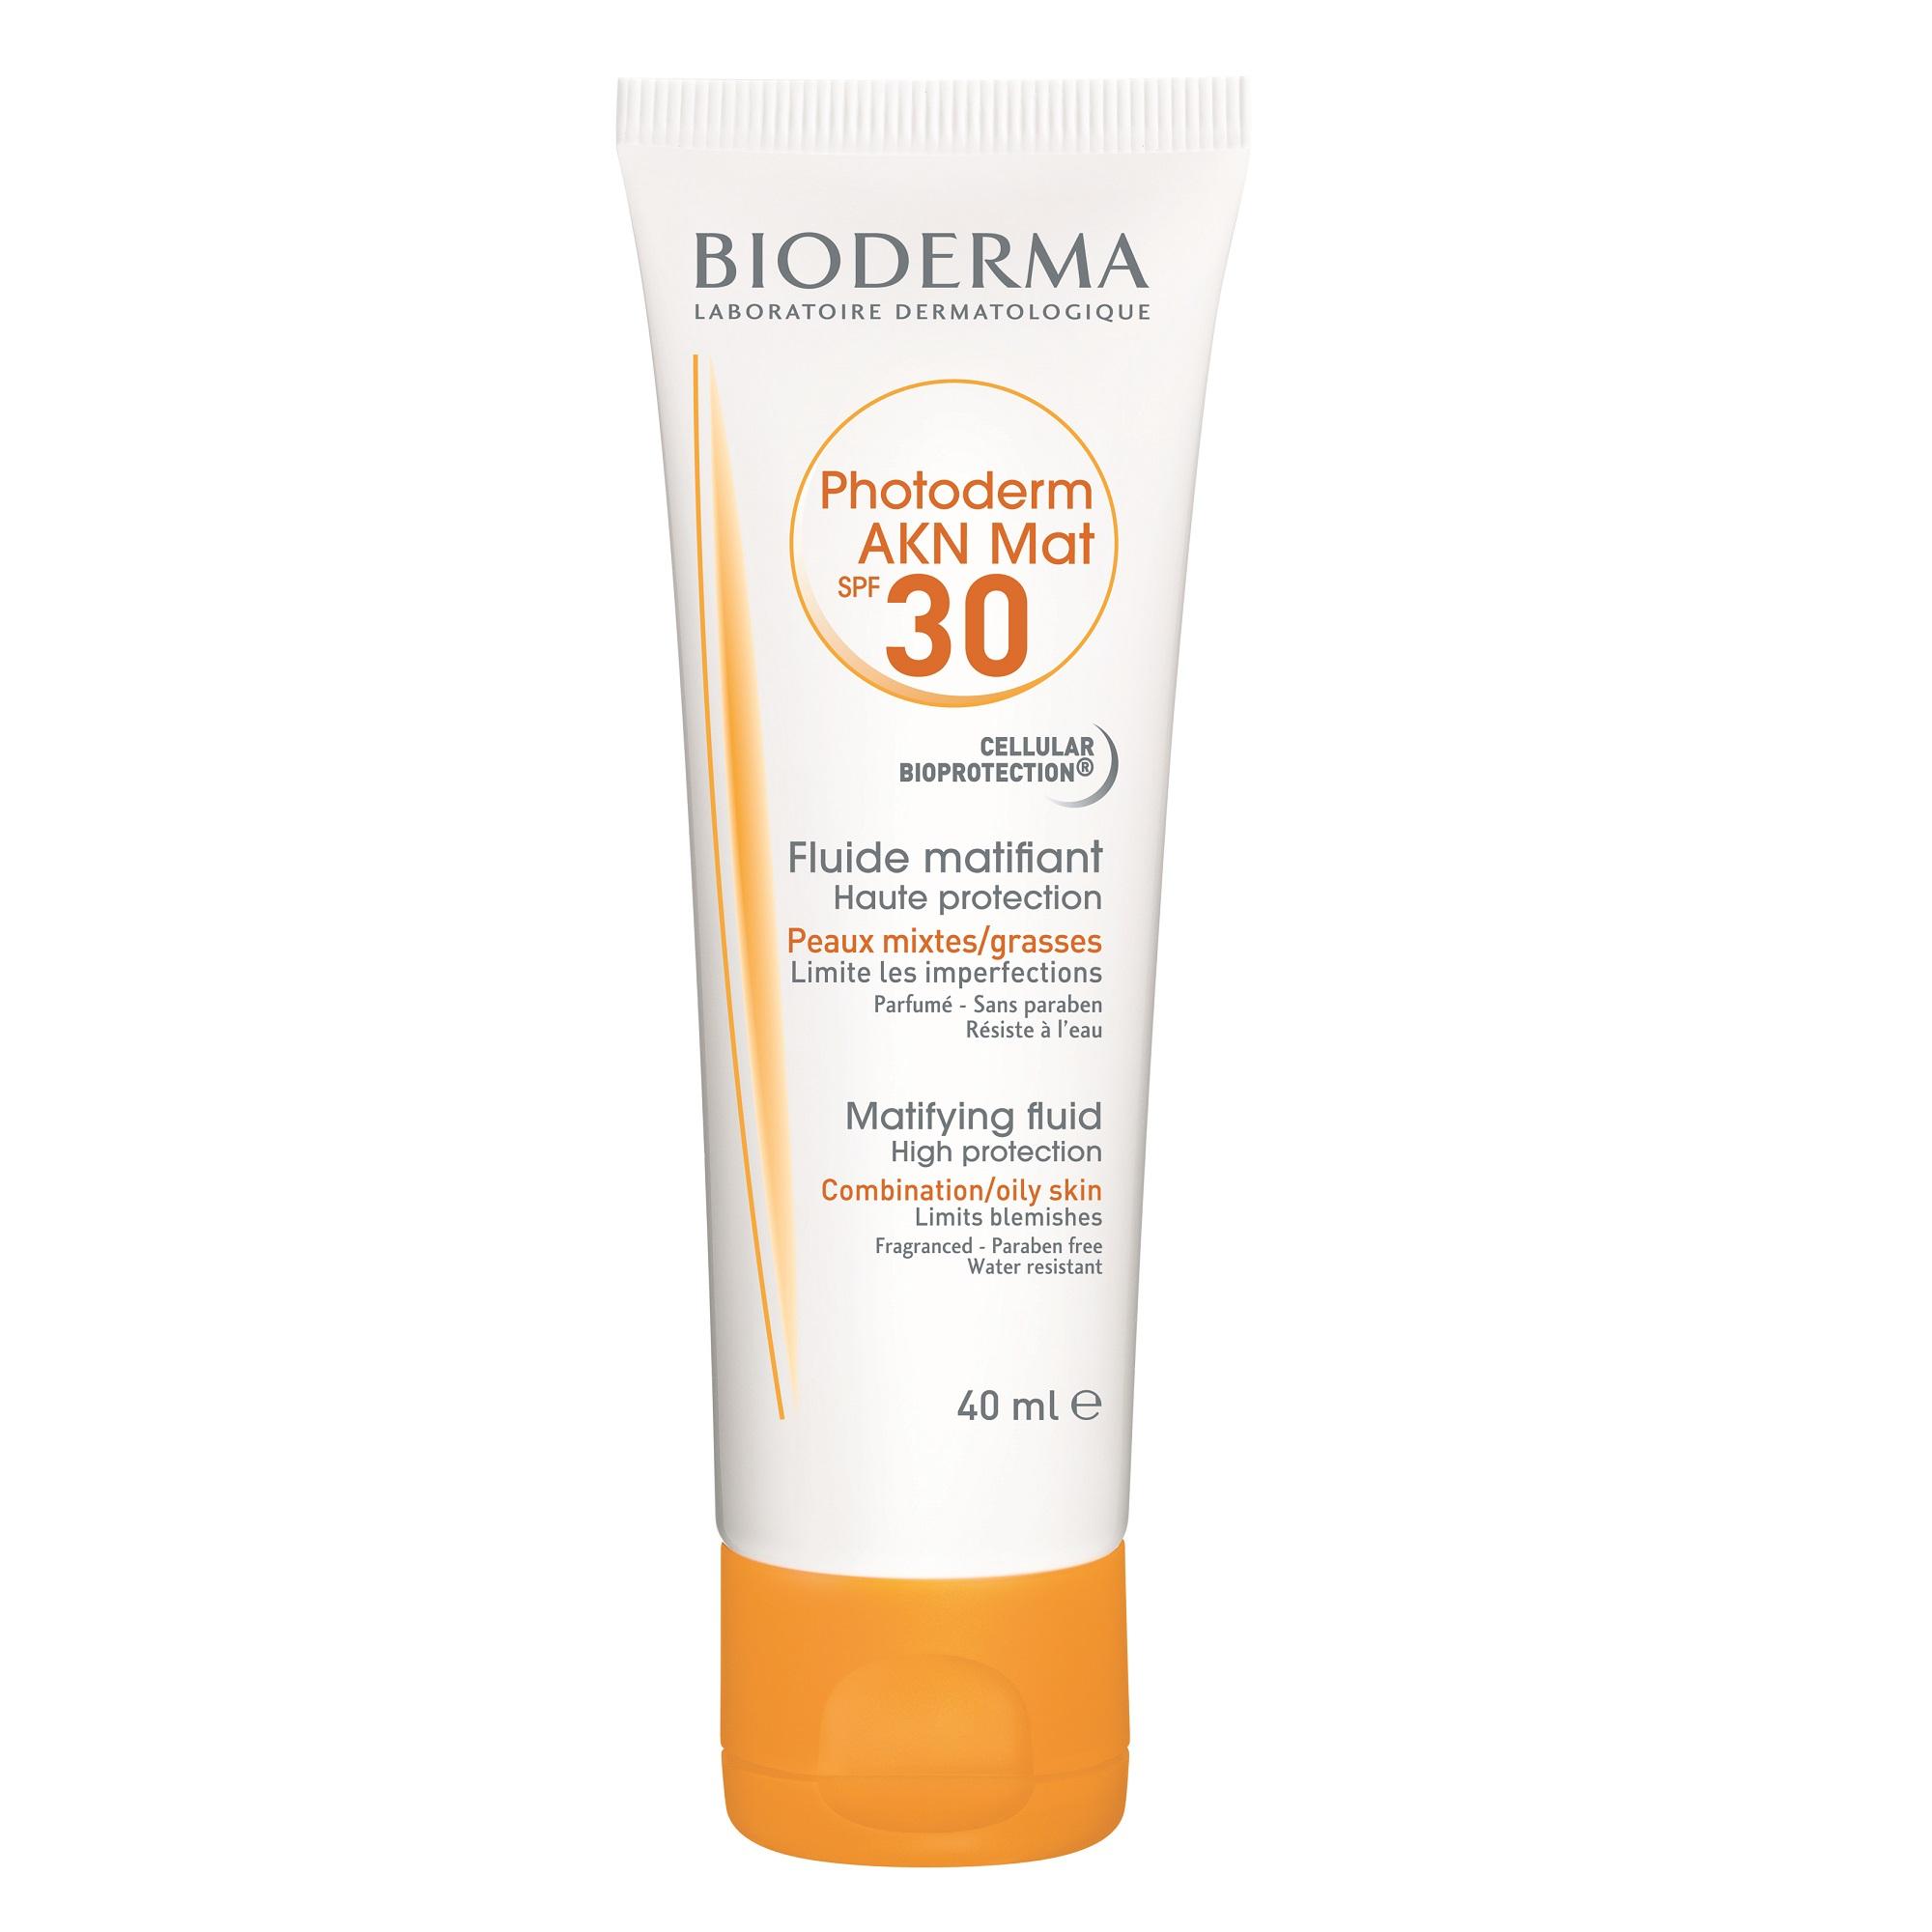 Fluid matifiant pentru ten mixt și gras acneic Photoderm AKN Mat SPF30, 40 ml, Bioderma